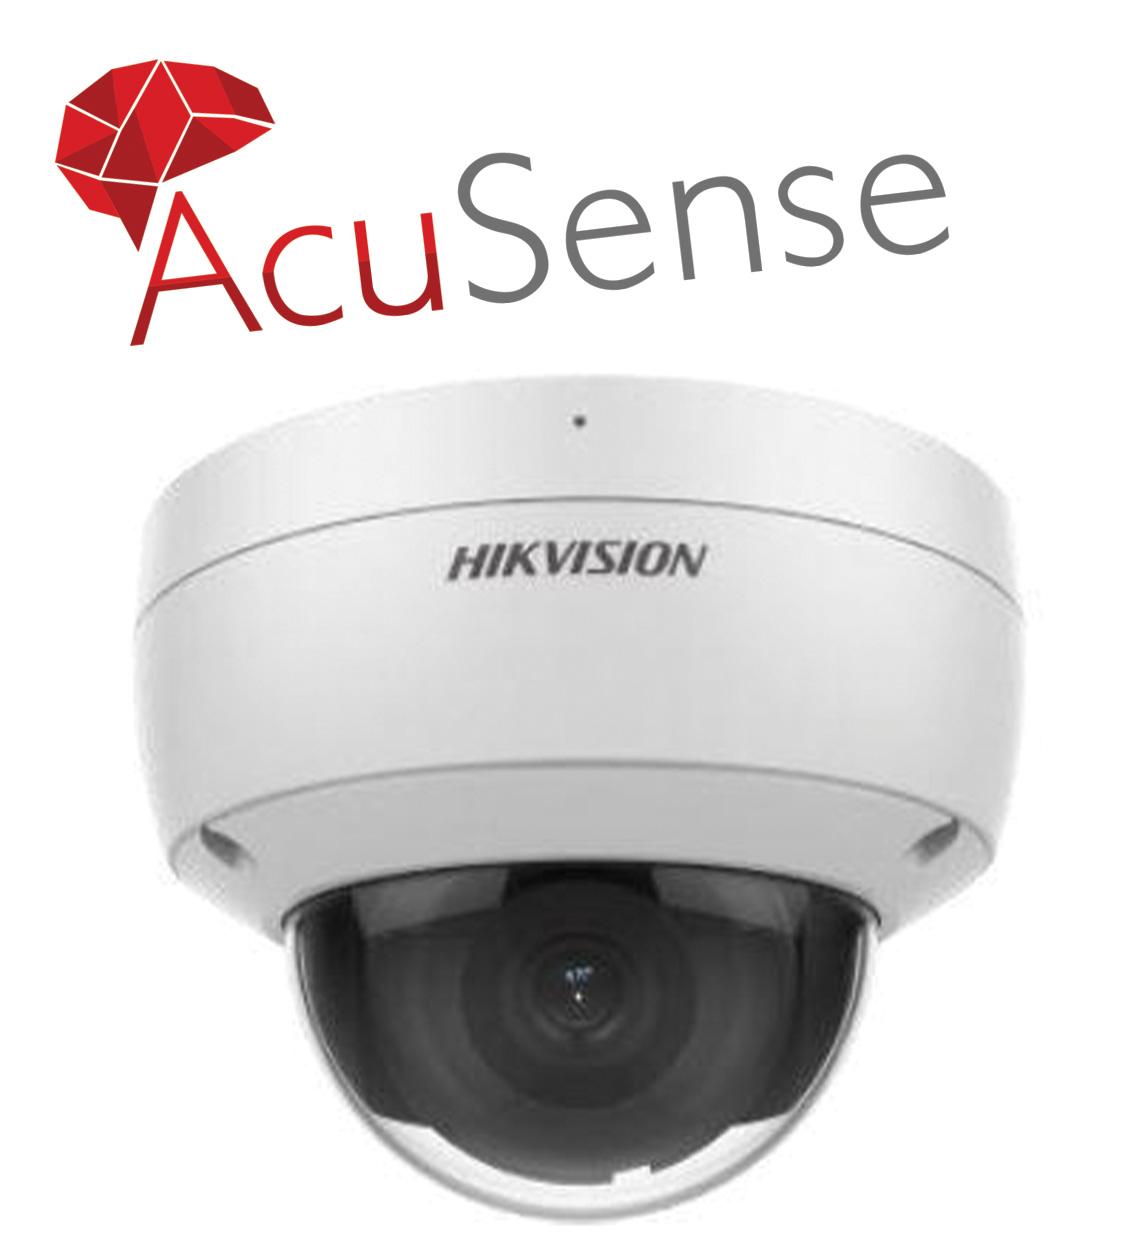 Hikvision-DS-2CD2726G2-IZS28-12mm-IP-Dome-Ueberwachung-Kamera.jpg